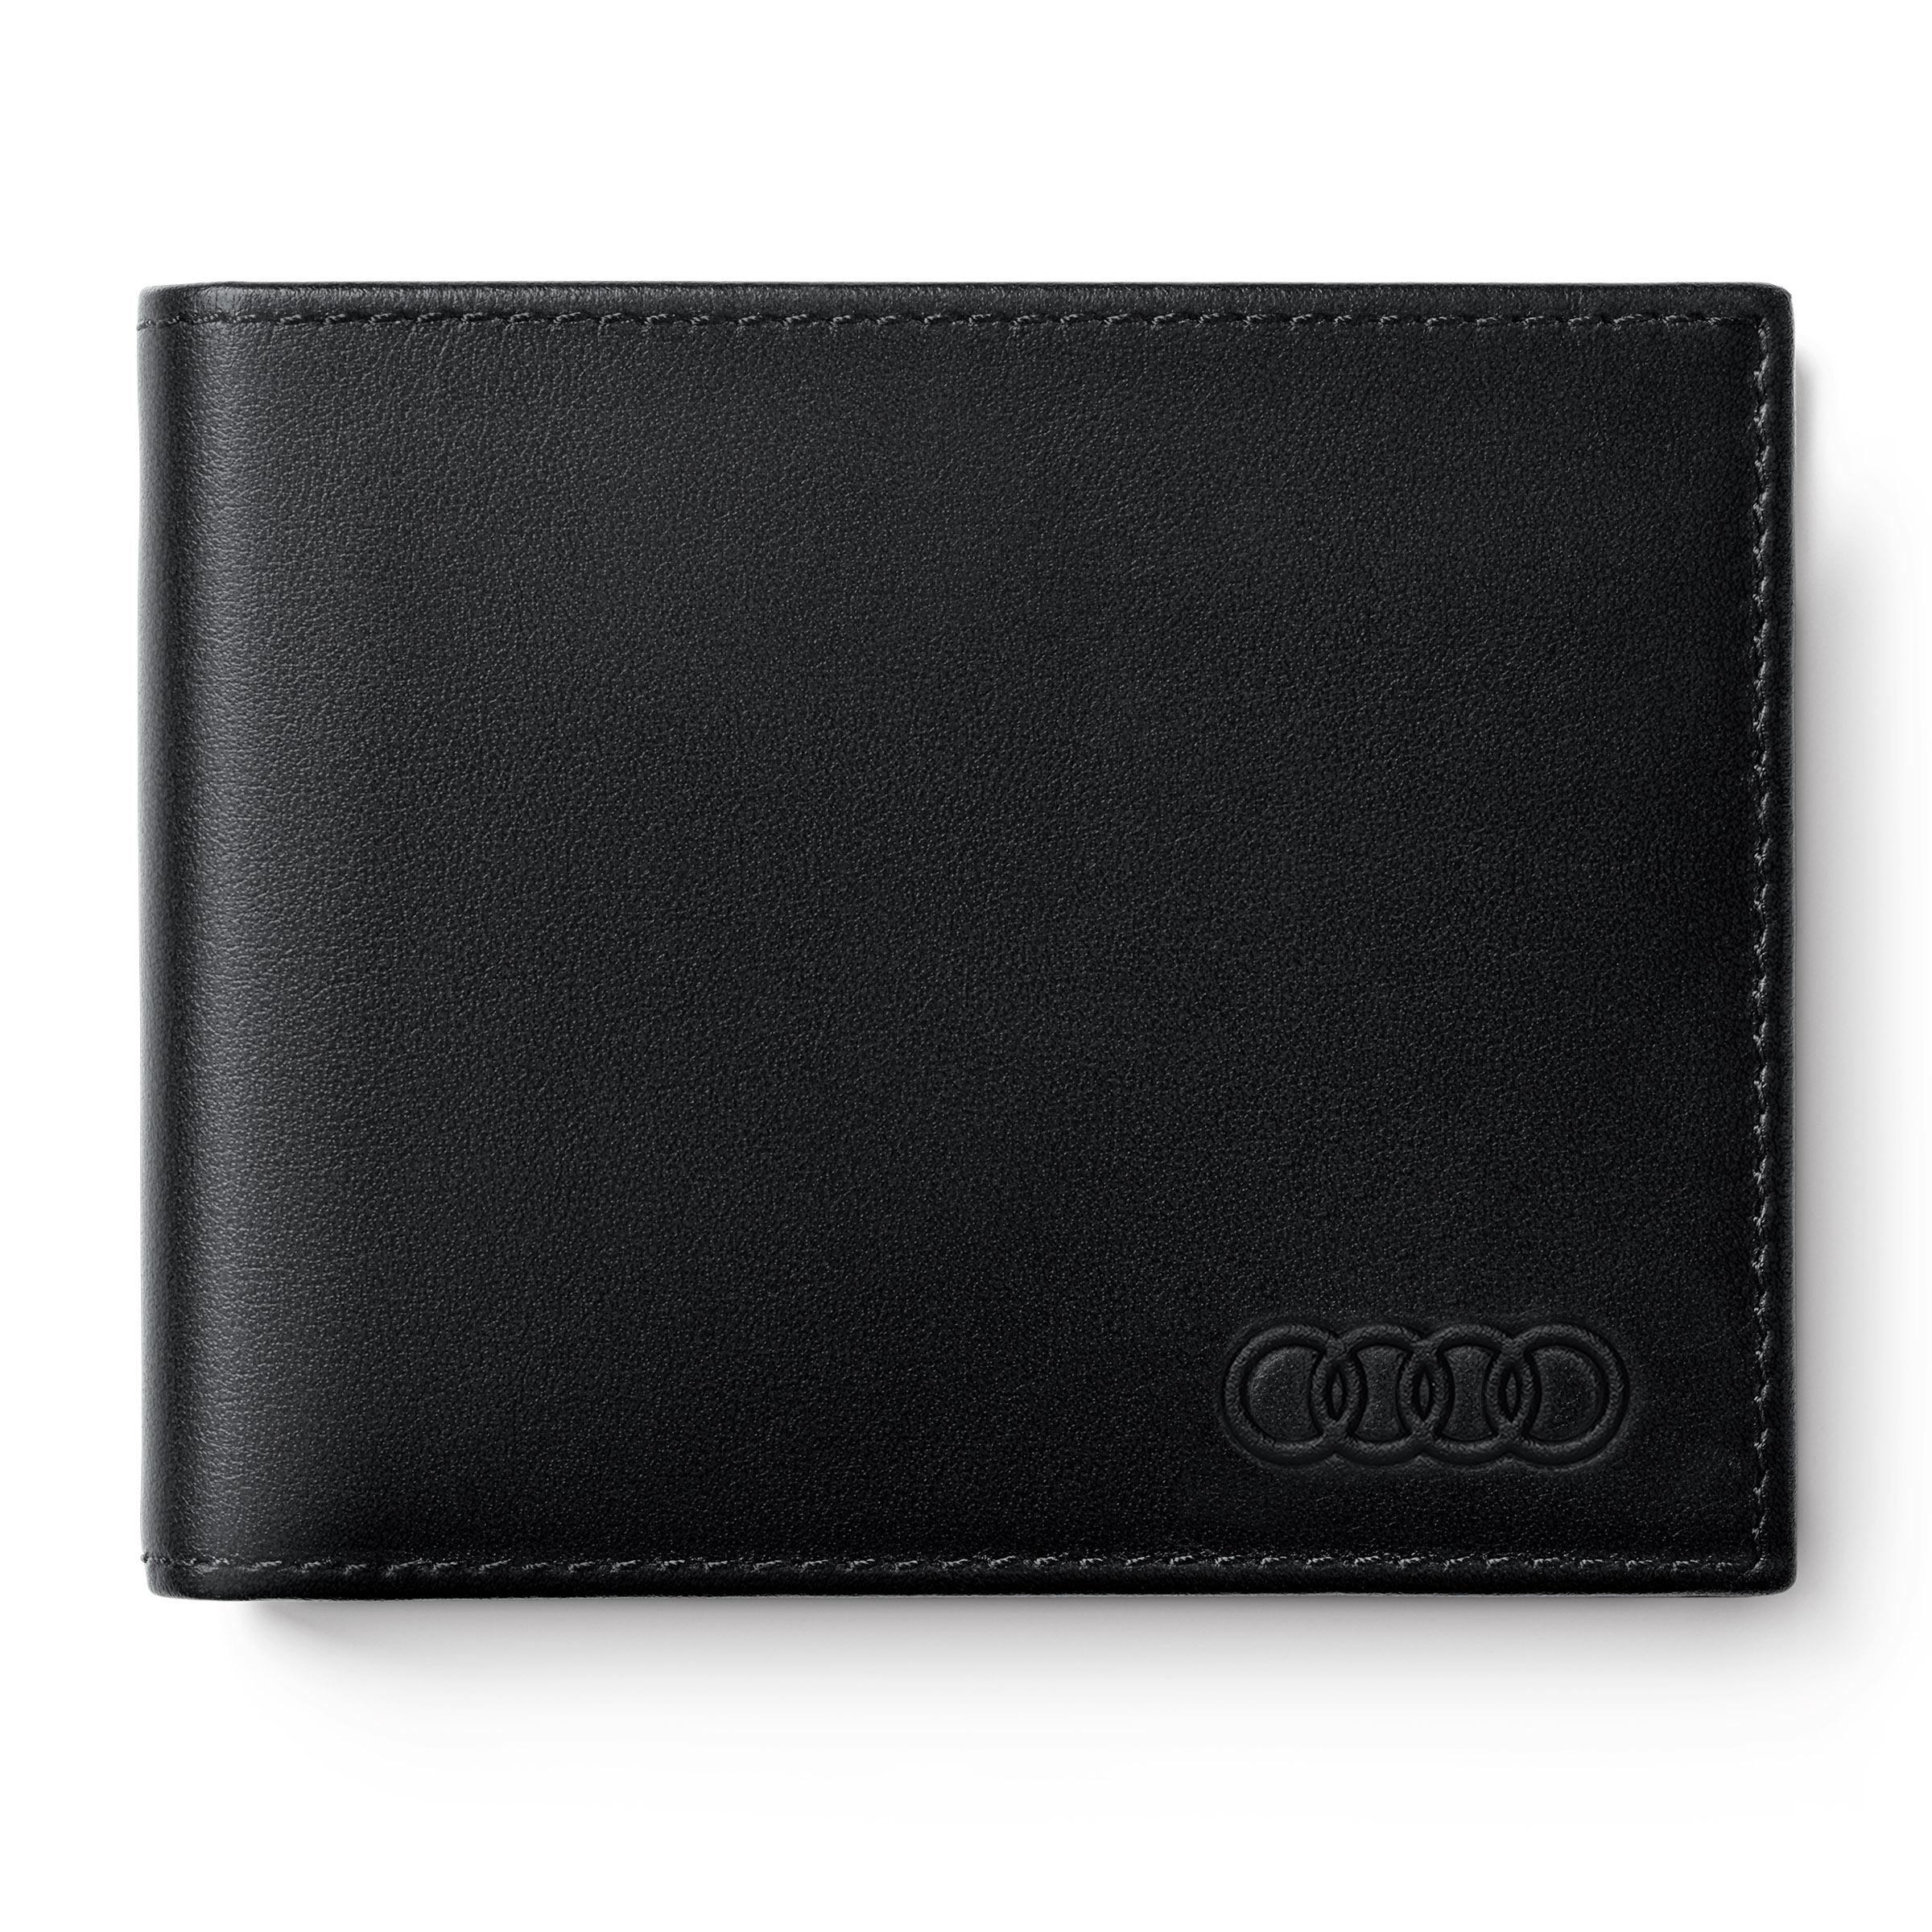 Audi Minigeldbörse Leder Herren schwarz Geldbeutel